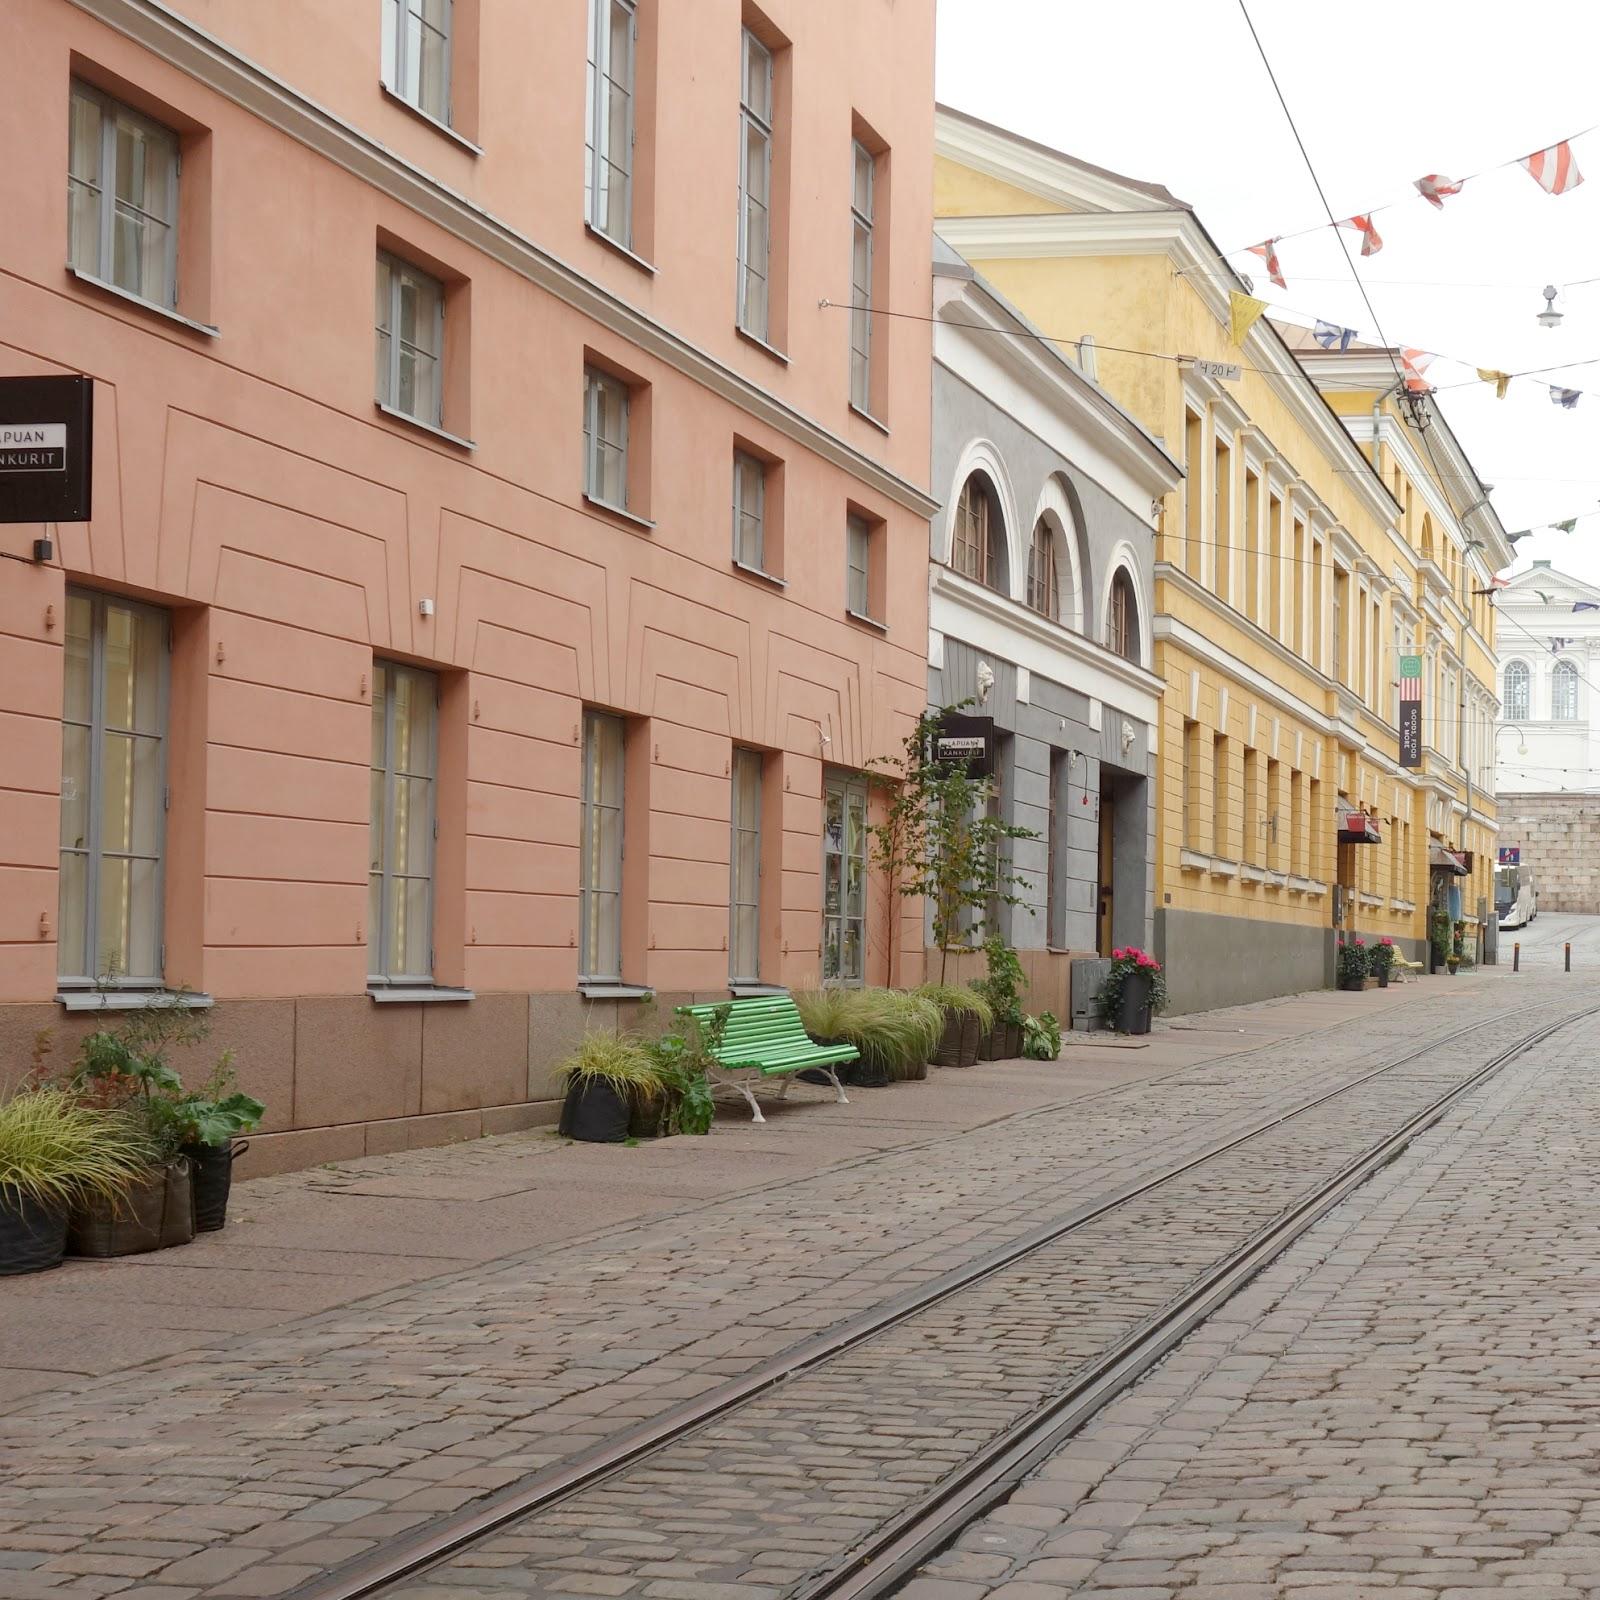 ZUBI'S CORNER: Syksyinen viikonloppu Helsingissä